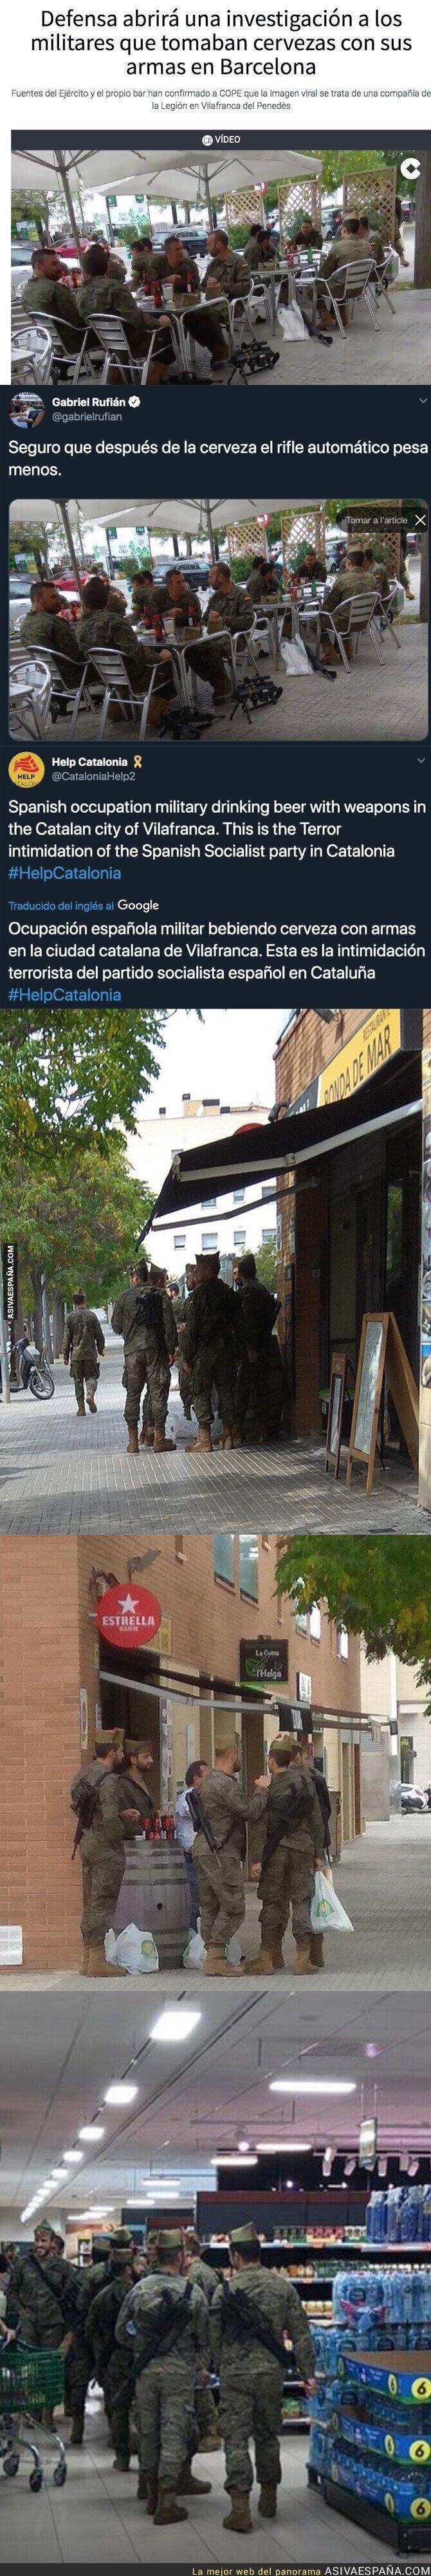 122367 - Lío monumental por esta foto de varios militares tomando cerveza por Catalunya con armas en el suelo